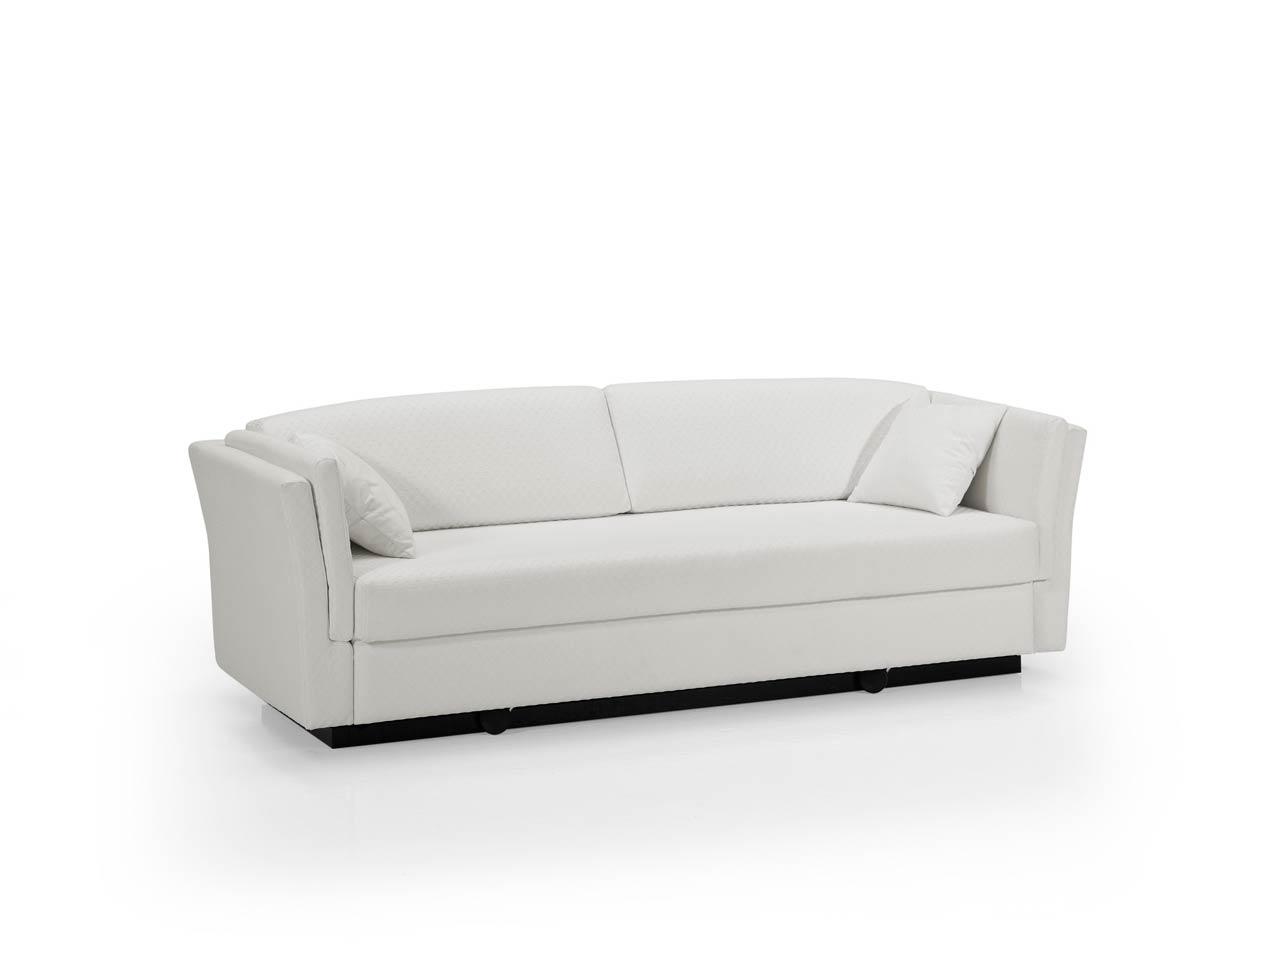 Comprar sof s cama peque os online for Sofa cama 2 plazas pequeno